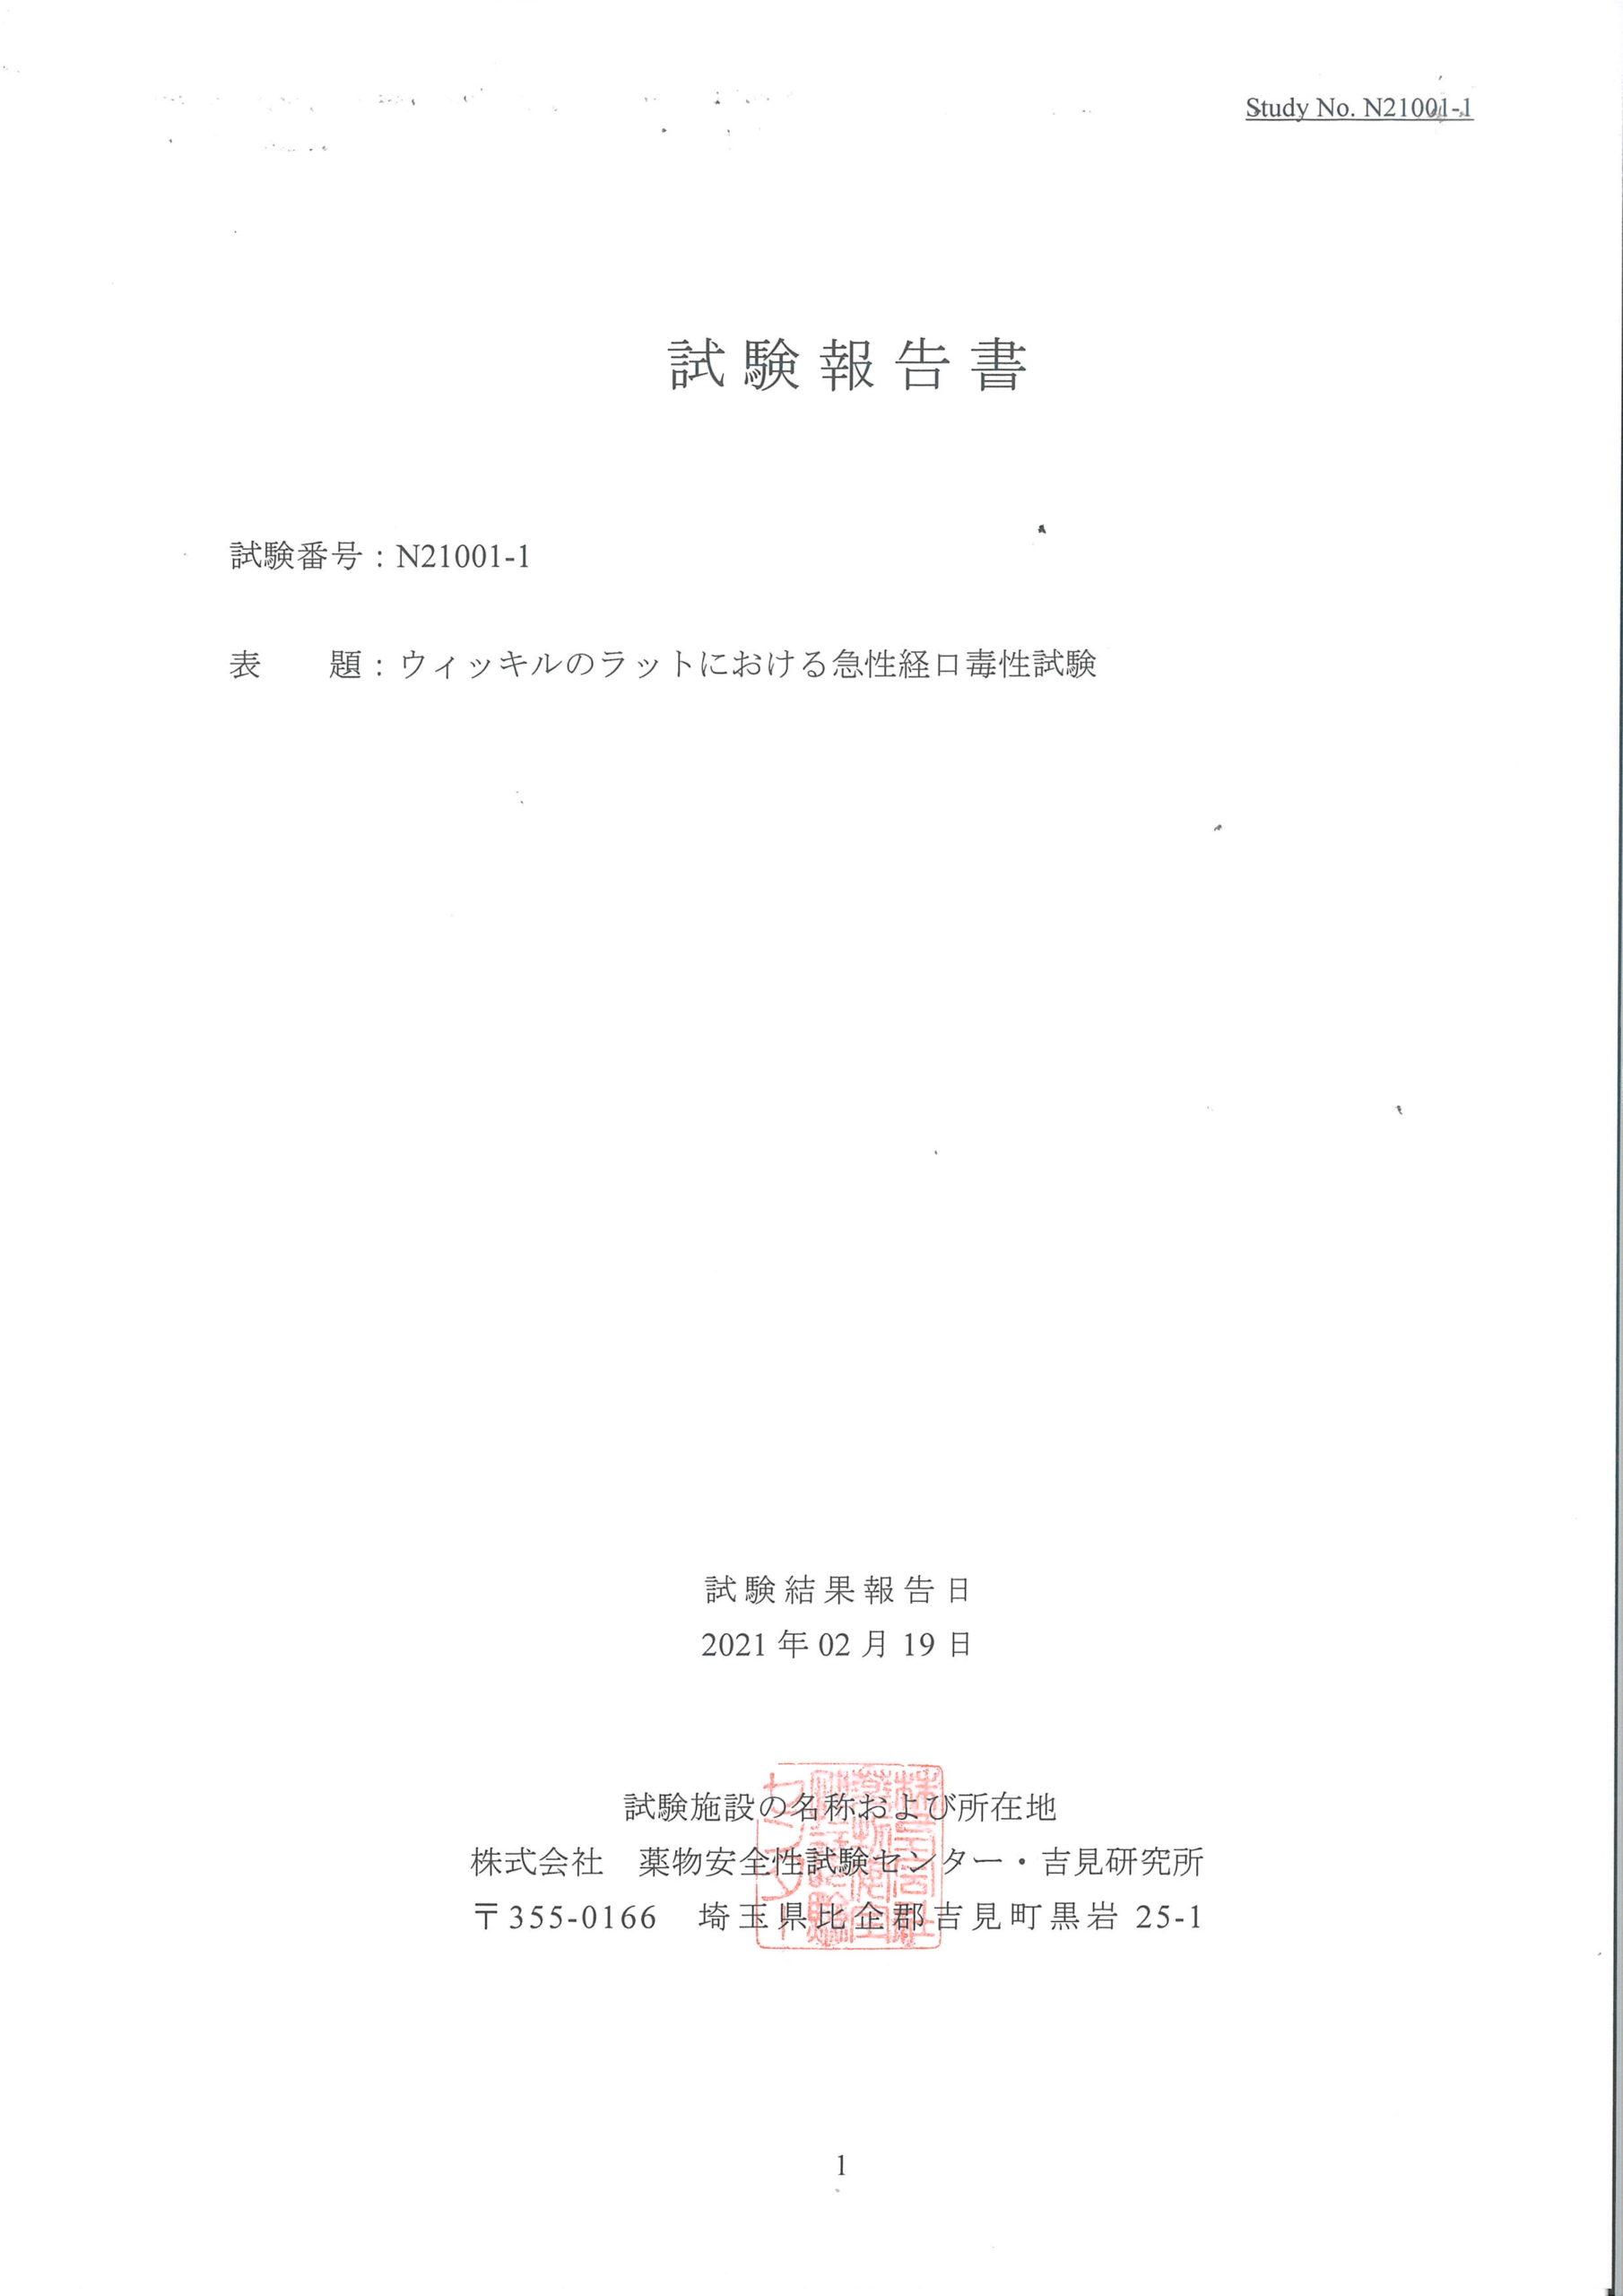 ウィッキルのラットにおける急性経口毒性試験 試験報告書